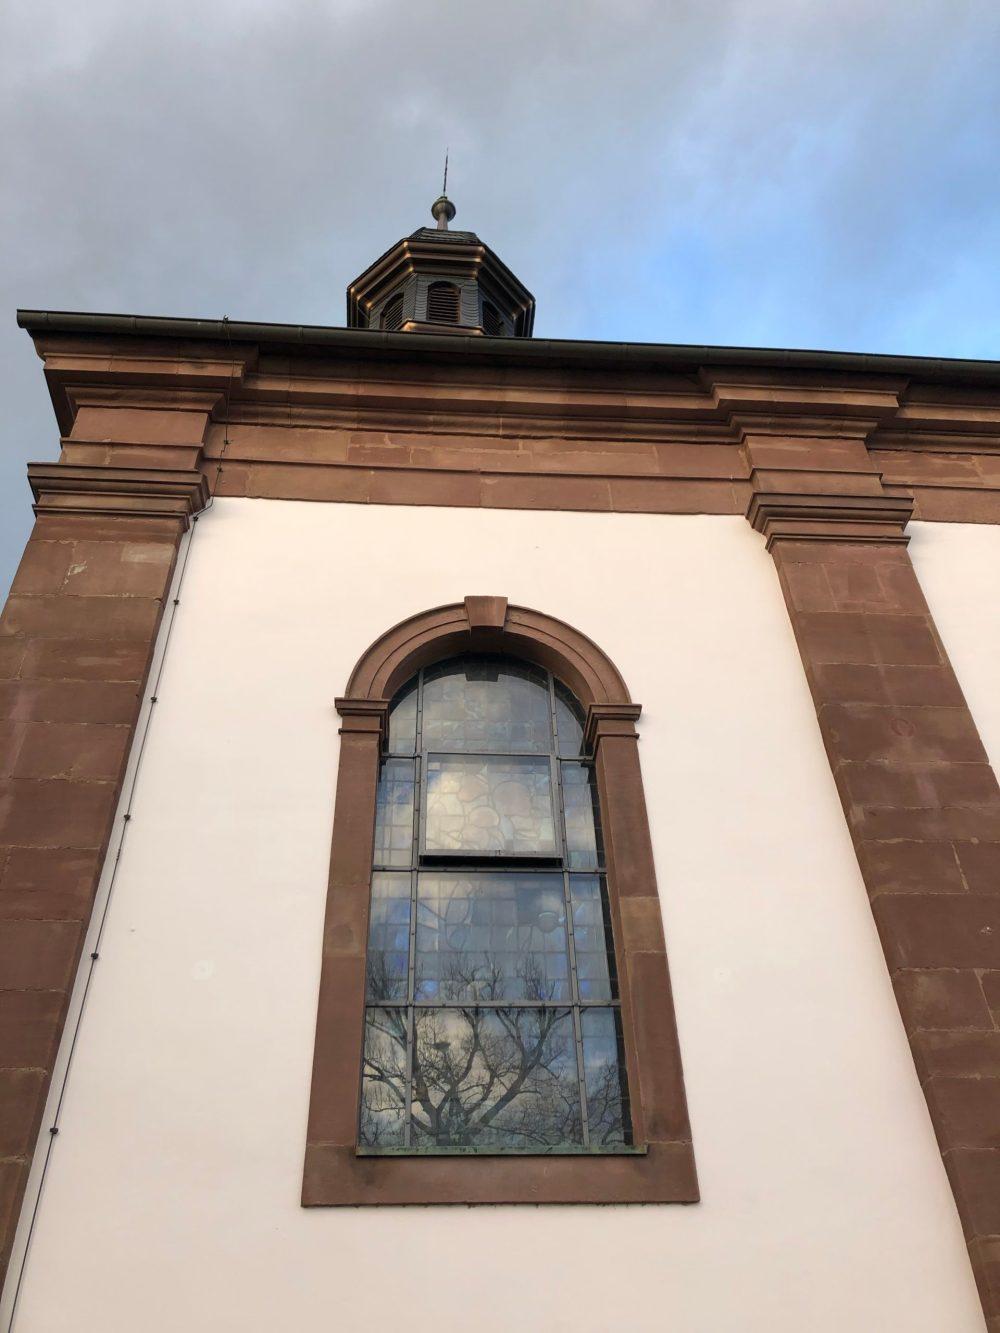 Fenster der Kapelle von außen